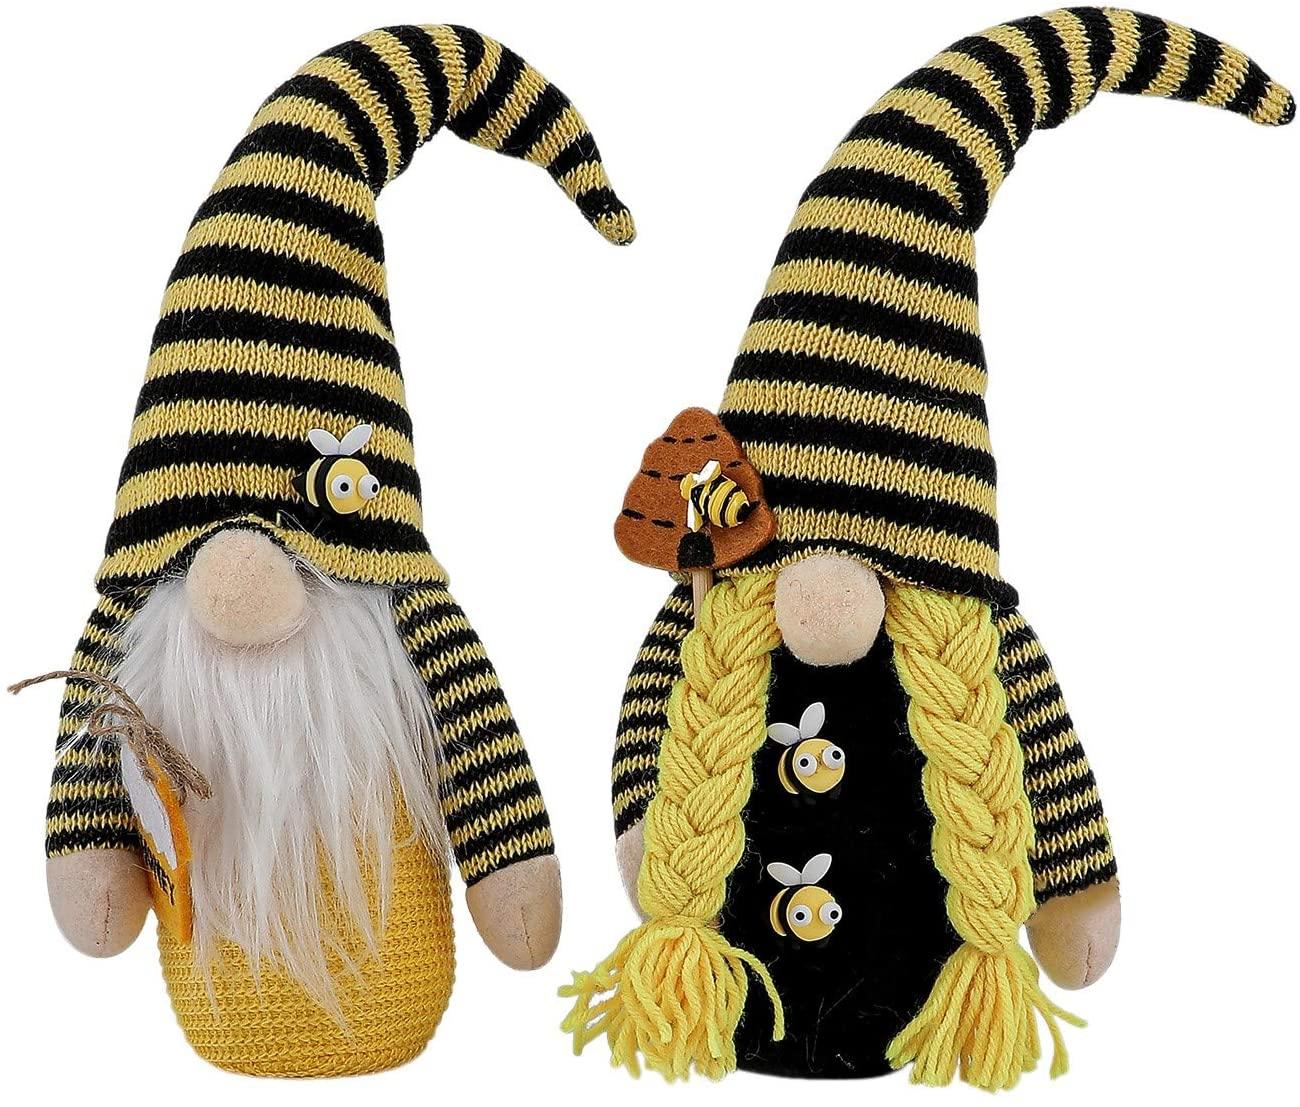 벌 스트라이프 그놈 인형 장식 1 | 2PC 봉제 스칸디나비아 TOMTE NISSE 스웨덴 꿀벌 GNOME 농가 집 부엌 장식 BEE 선반 계층 트레이 장식 벌일 파티를 장식 봉제 인형